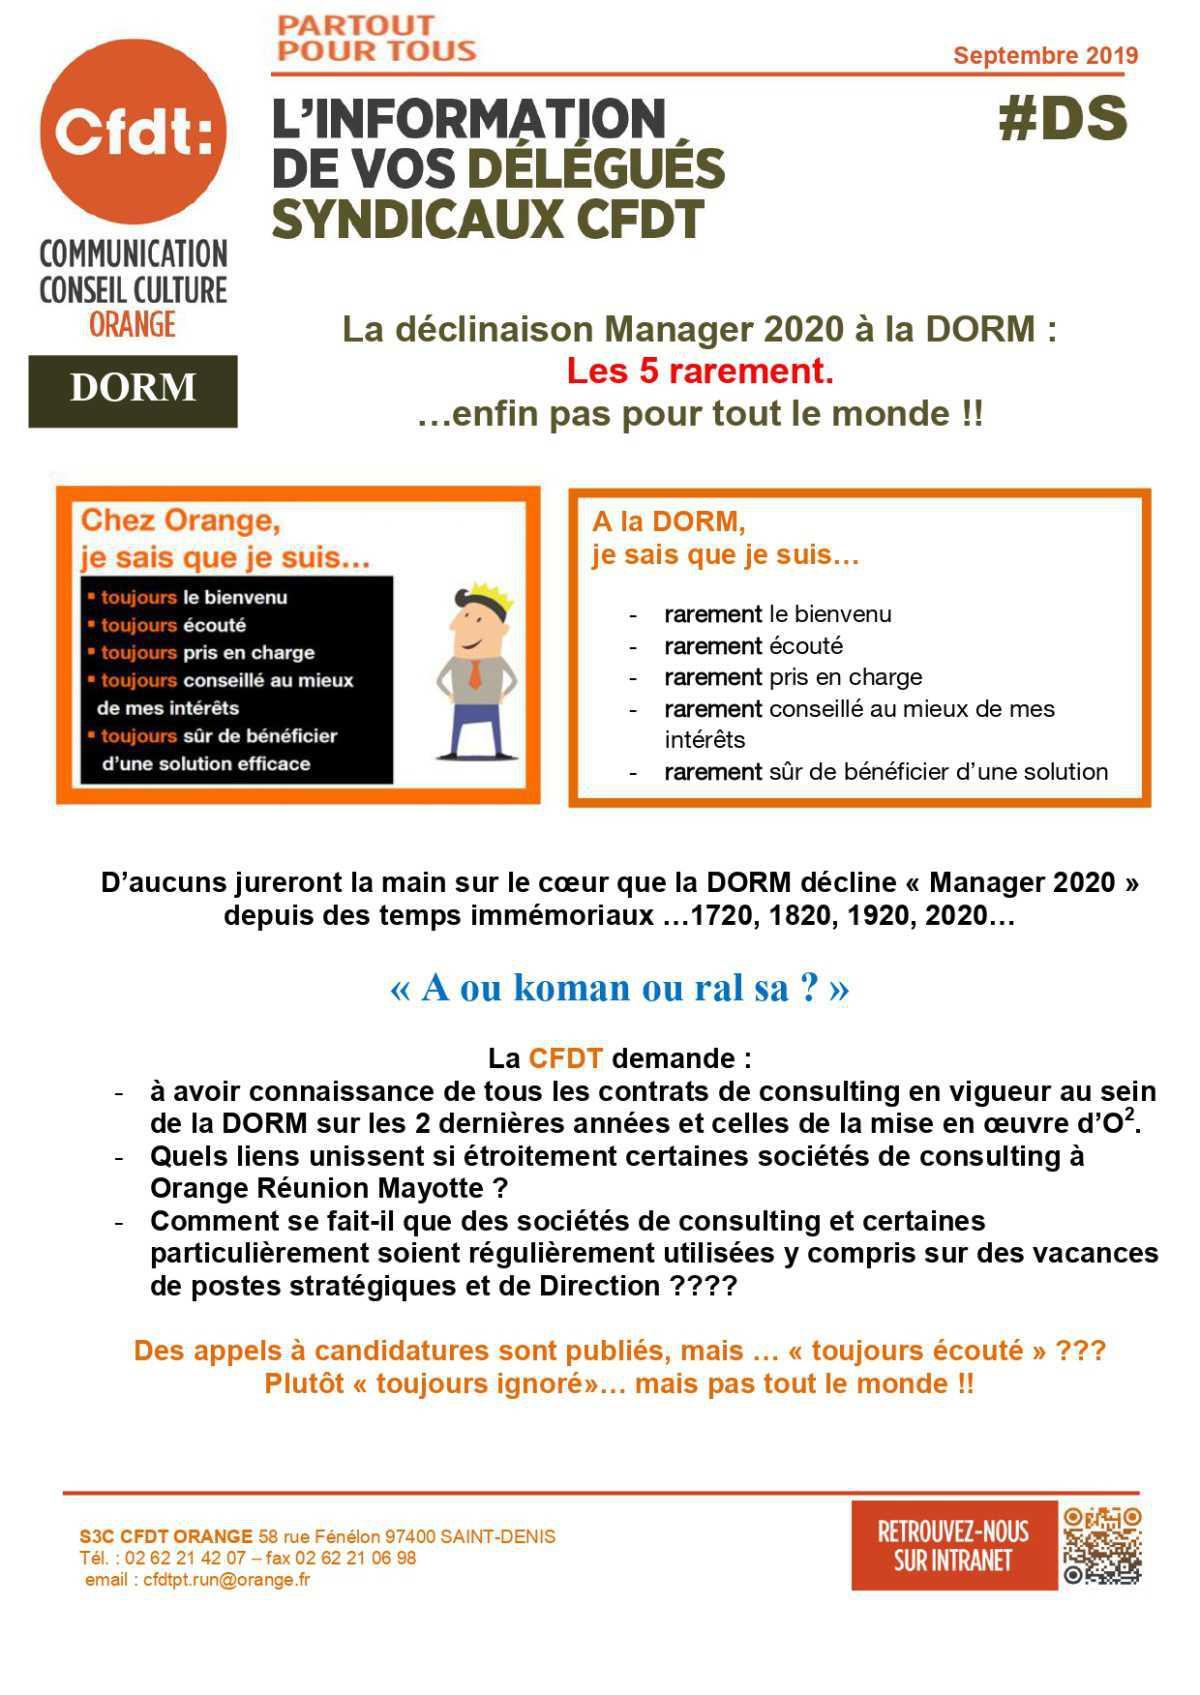 #DS - La déclinaison Manager 2020 à la DORM